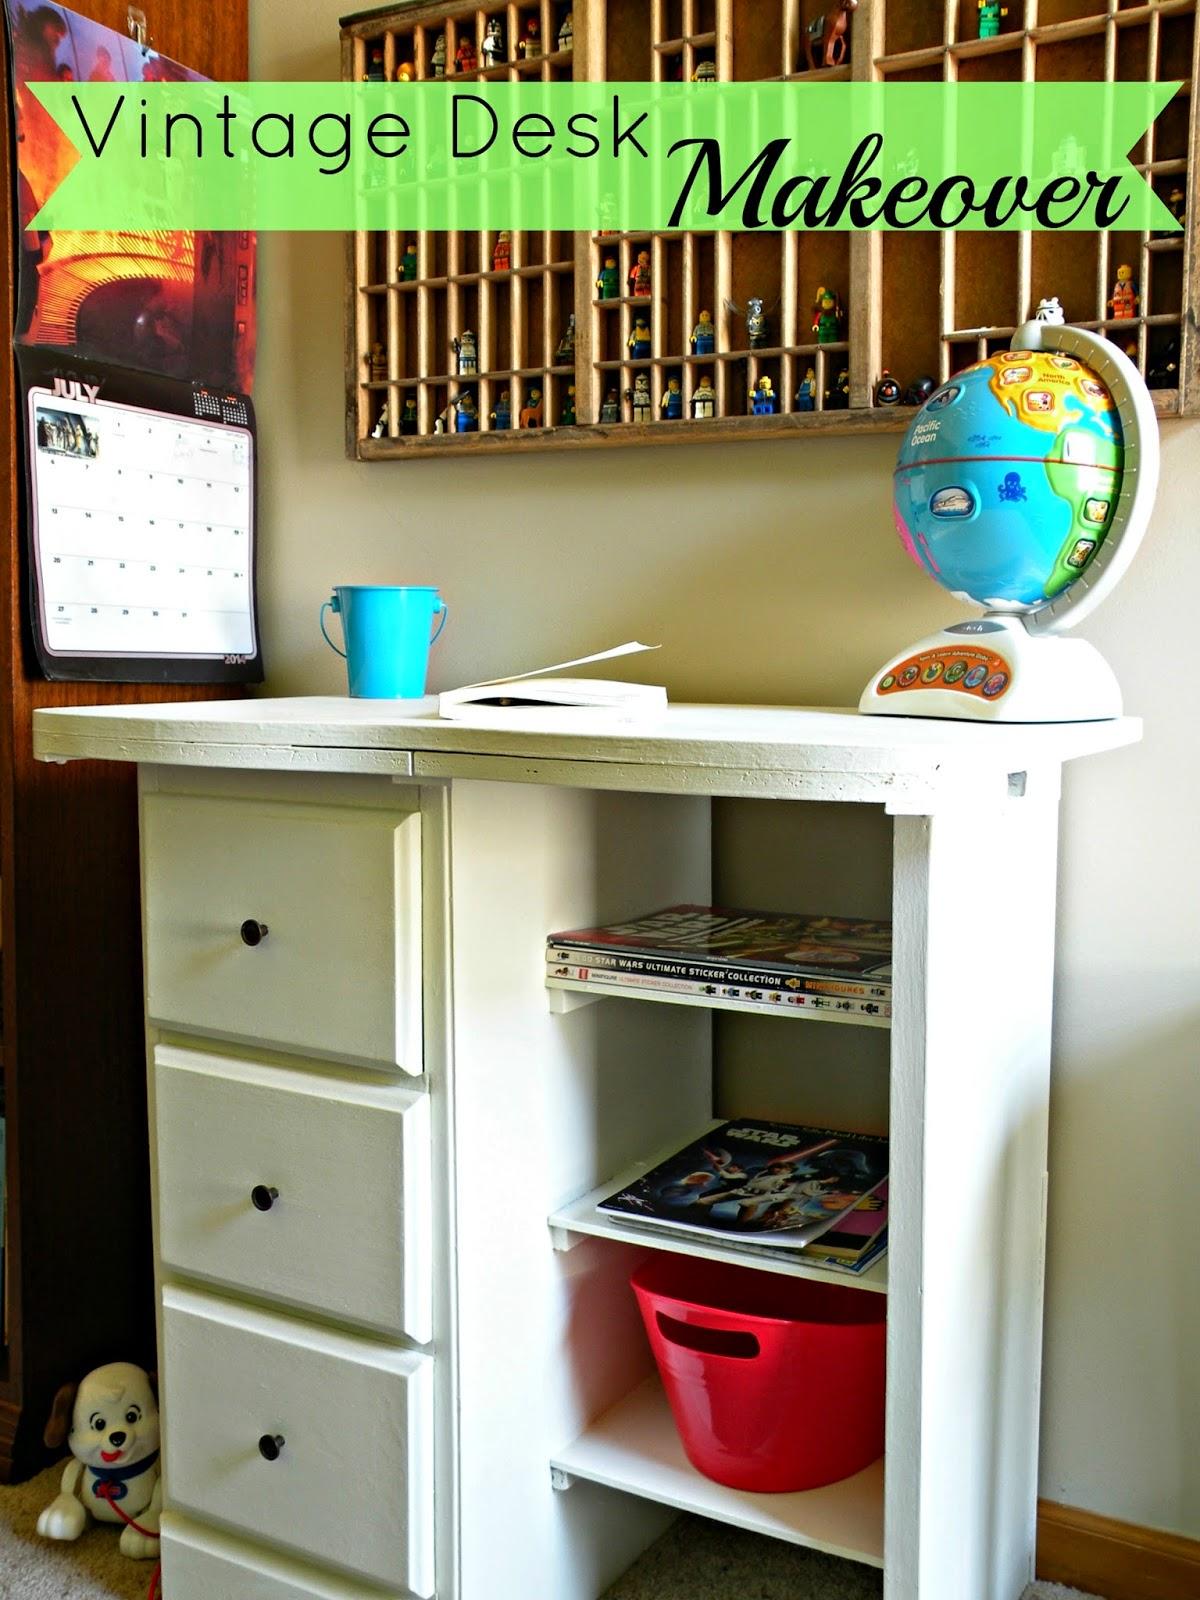 Vintage kids desk makeover - white desk